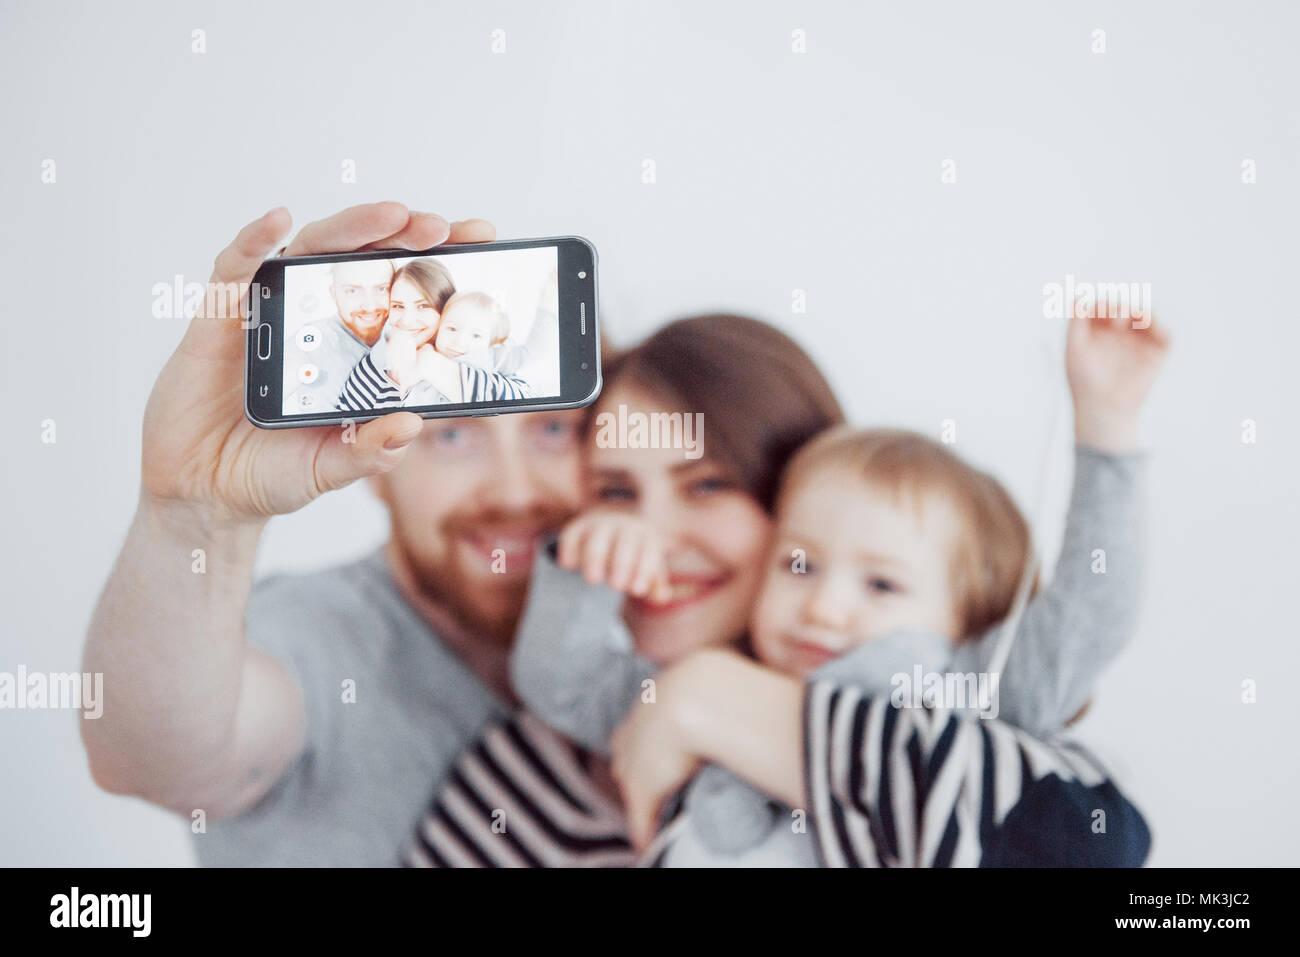 Famiglia, le vacanze, la tecnologia e le persone - sorridente madre, padre e bambina rendendo selfie con fotocamera su sfondo bianco Immagini Stock